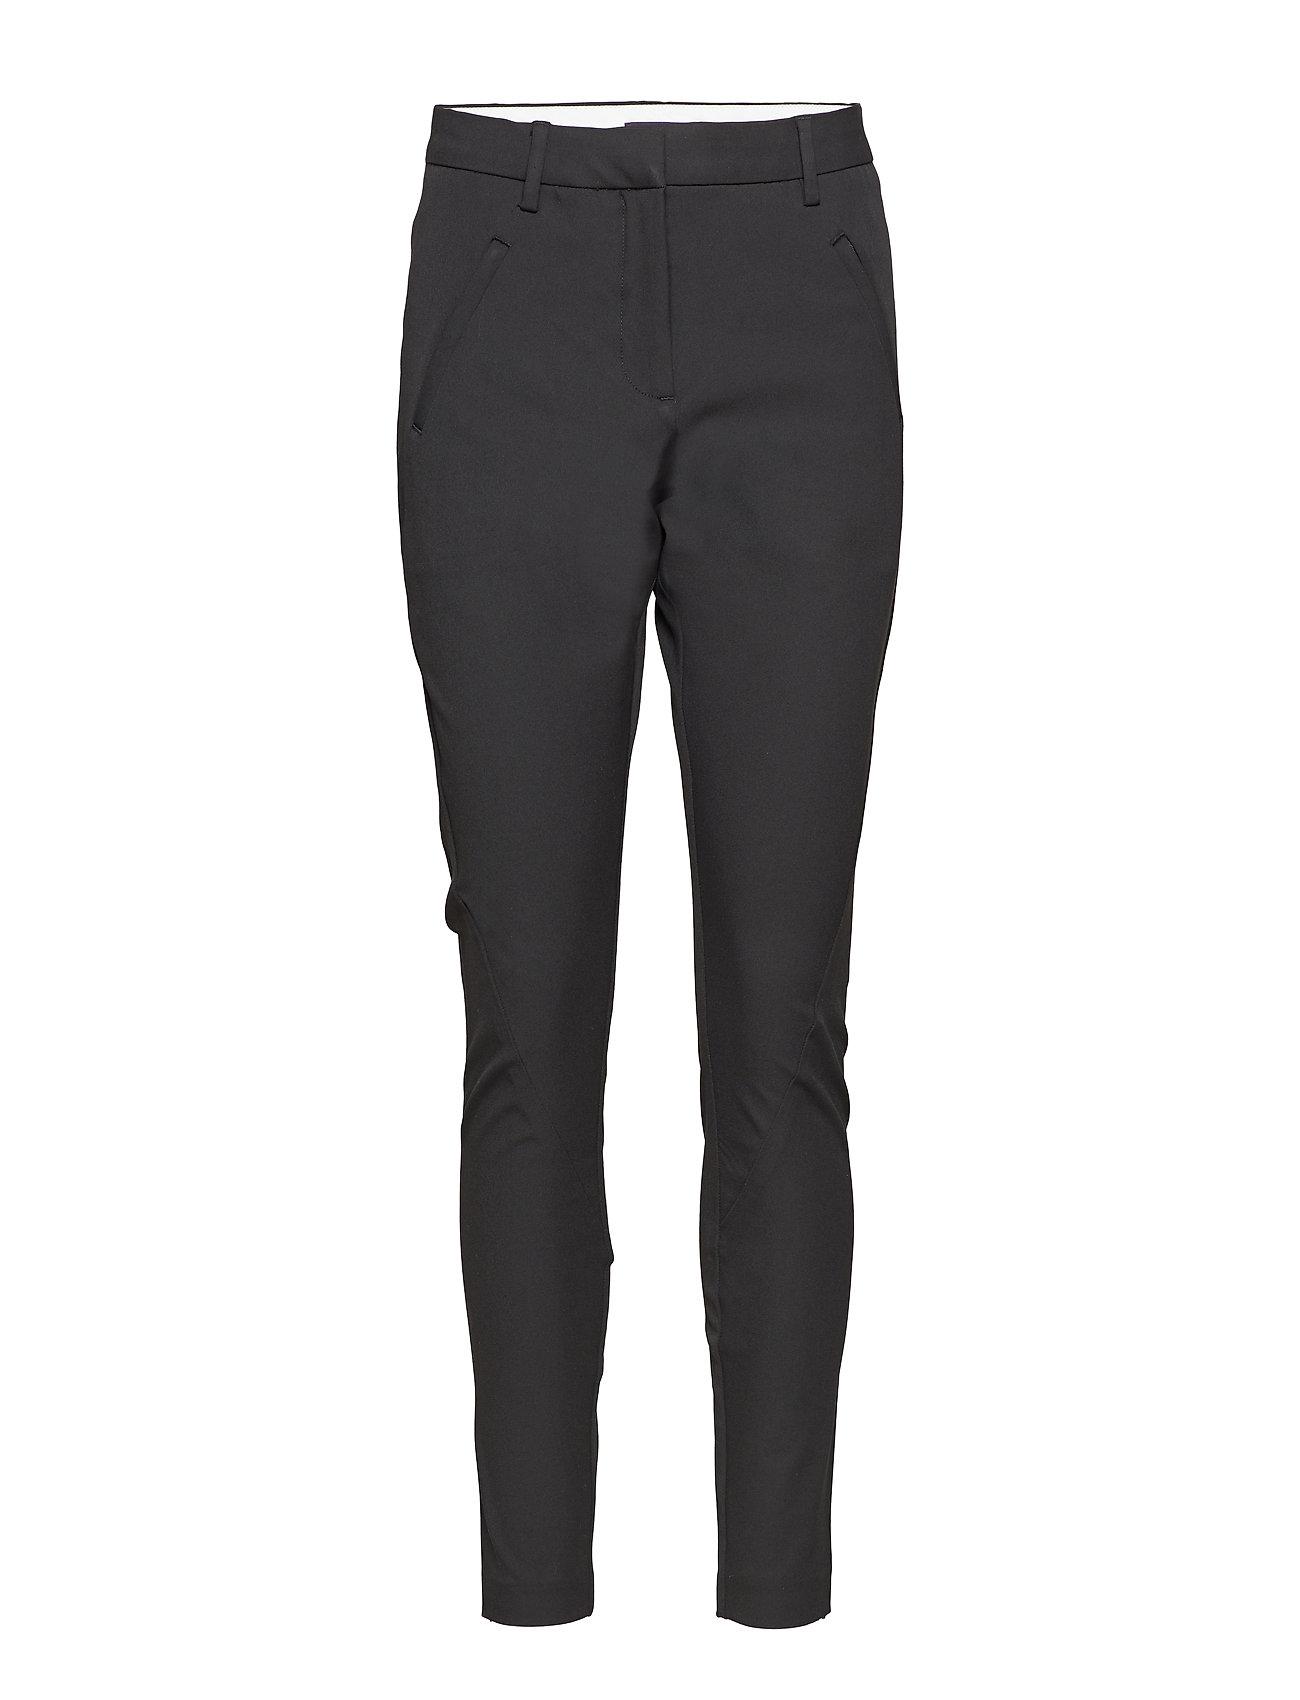 FIVEUNITS Angelie 315 Black, Pants